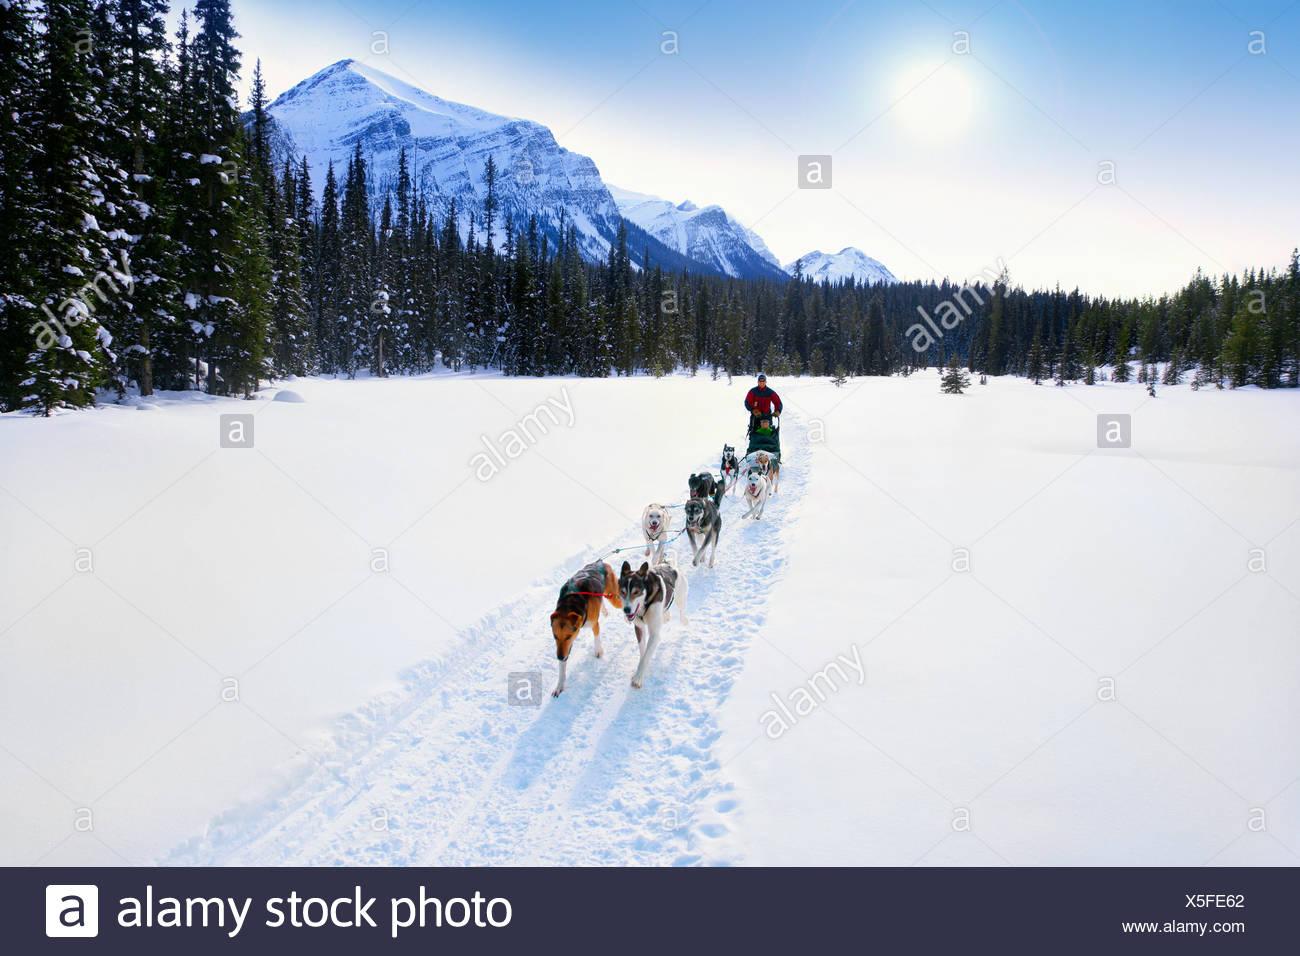 Person having a sleigh ride through the snow - Stock Image